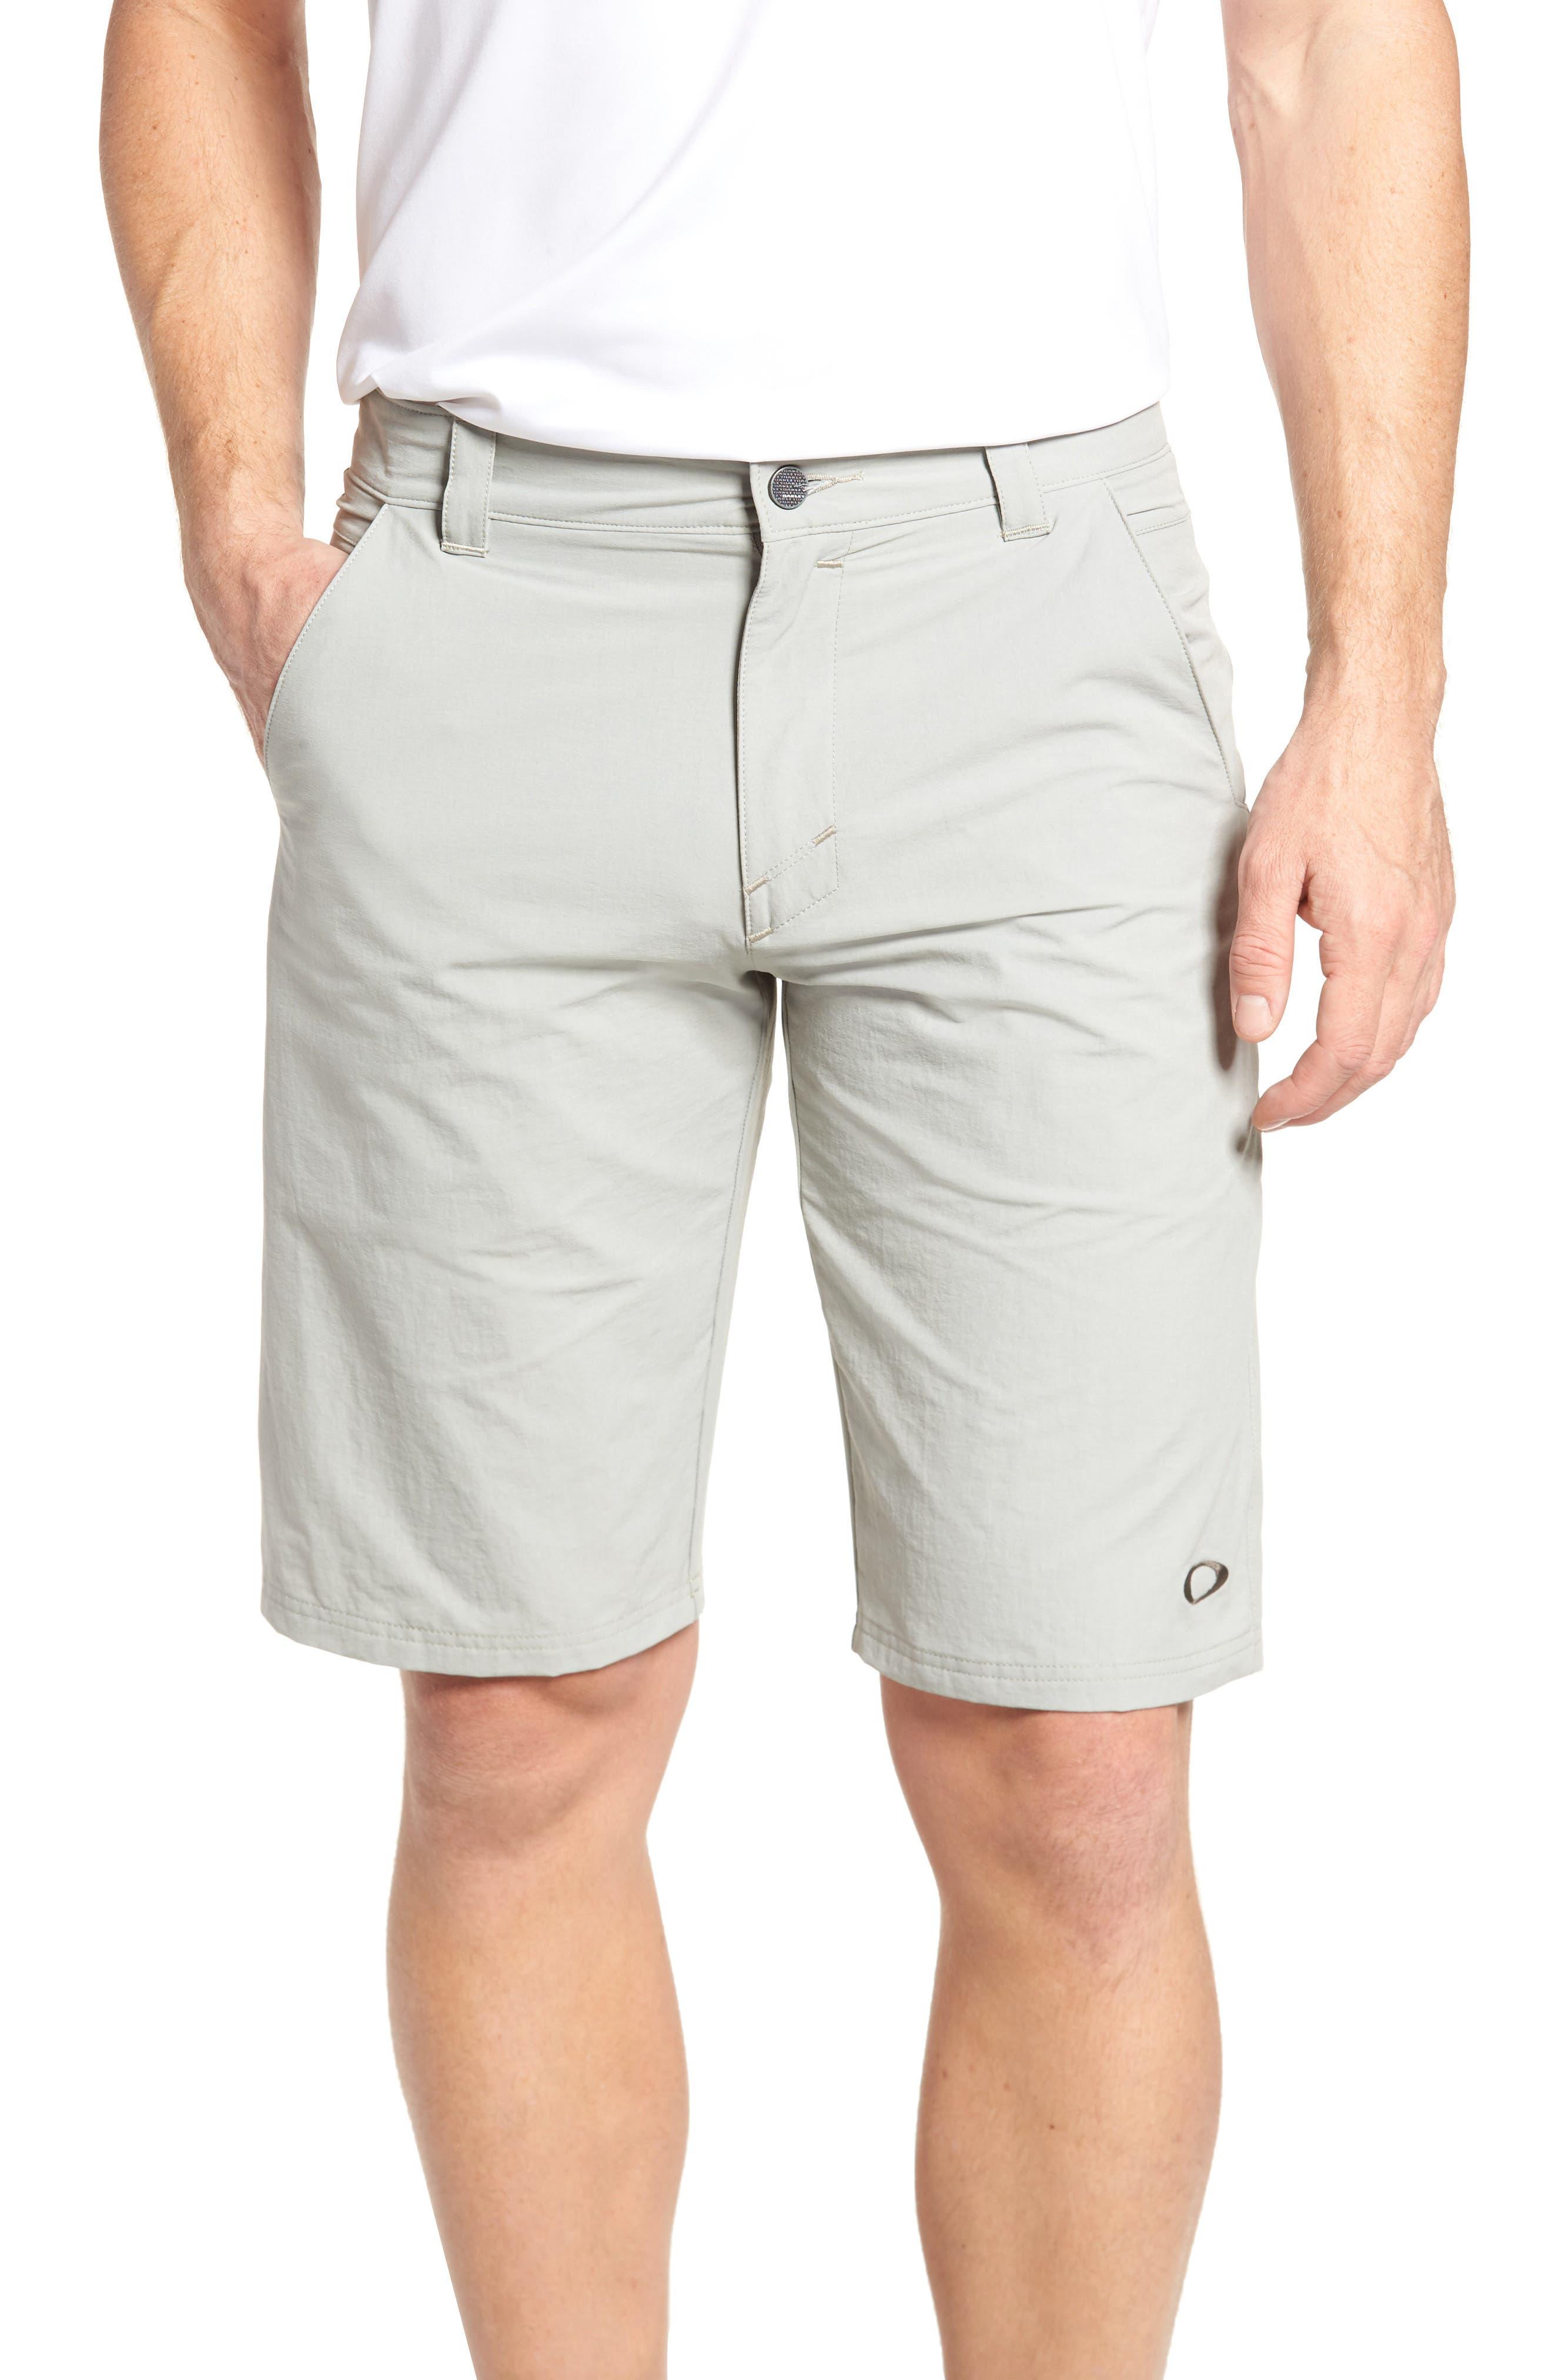 Take 2.5 Shorts,                             Main thumbnail 1, color,